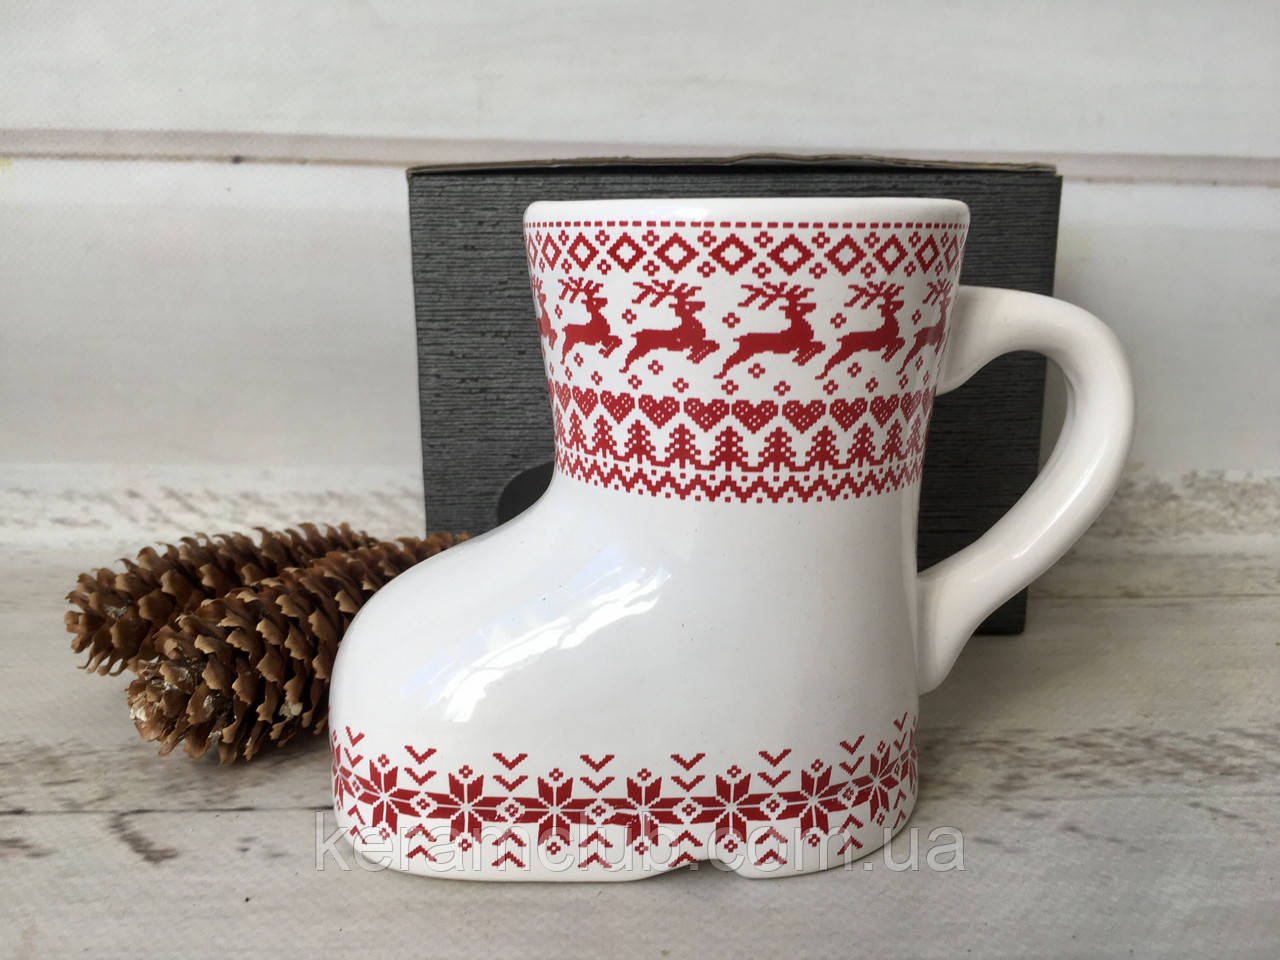 Різдвяна чашка з оленями у вигляді чобітка